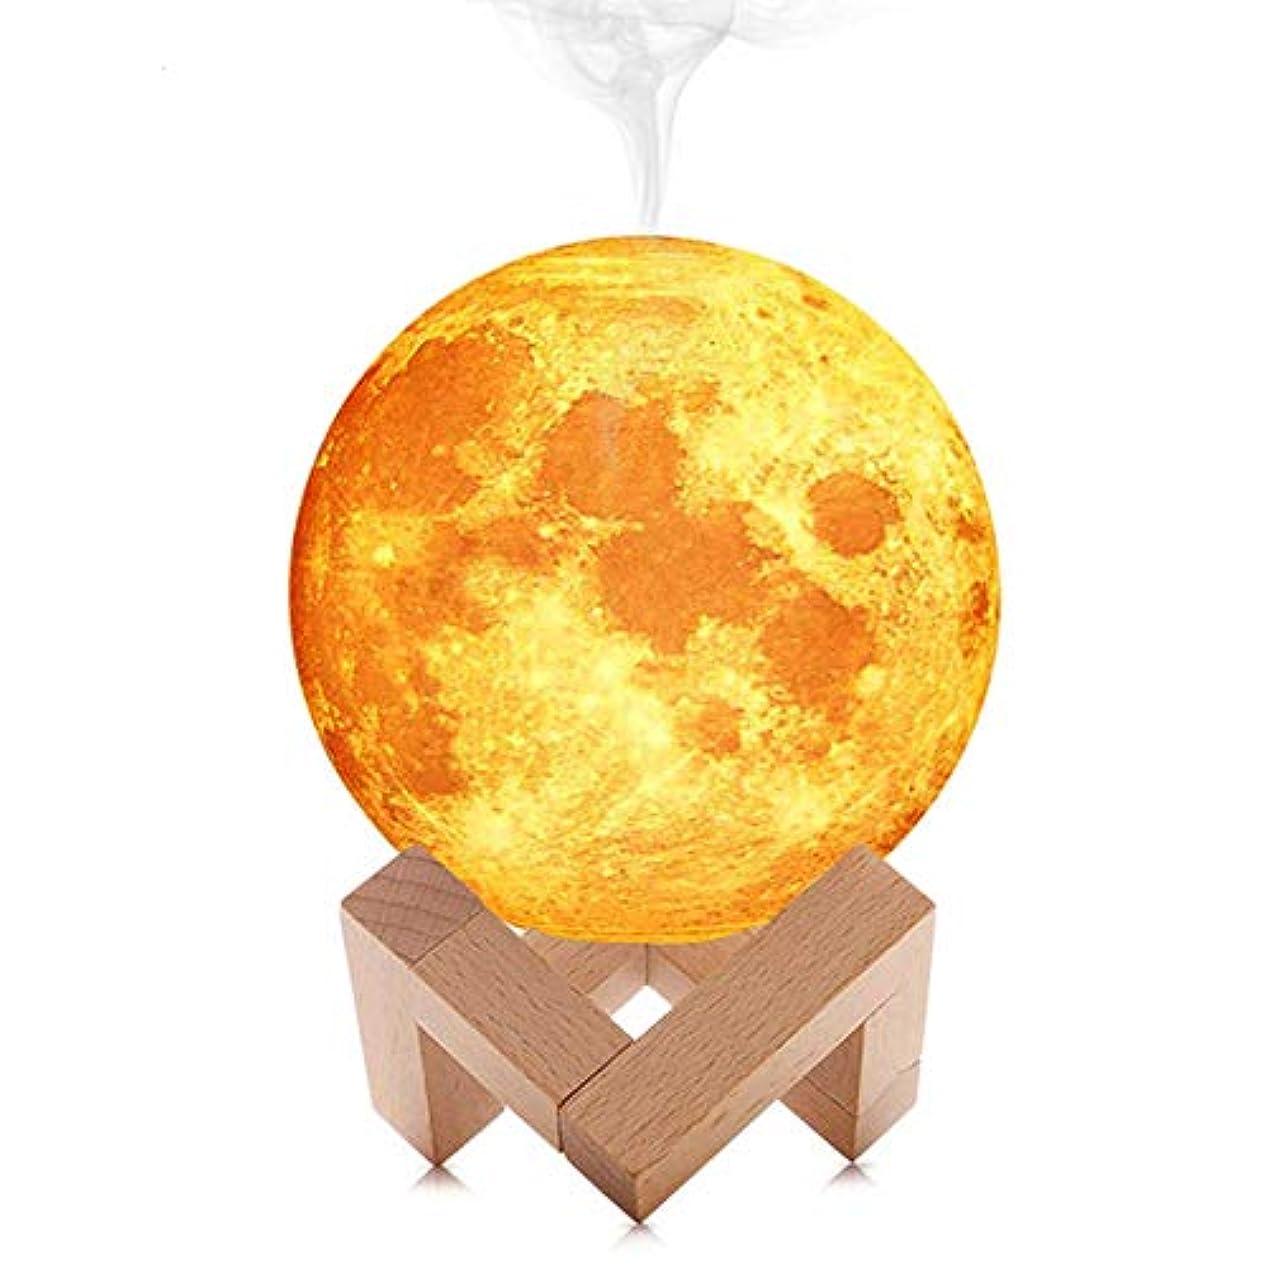 何ねばねば舌Barbella Air Humidifier 3D Moon Lamp Light Diffuser Aroma Essential Oil USB Ultrasonic Humidificador Night Cool...